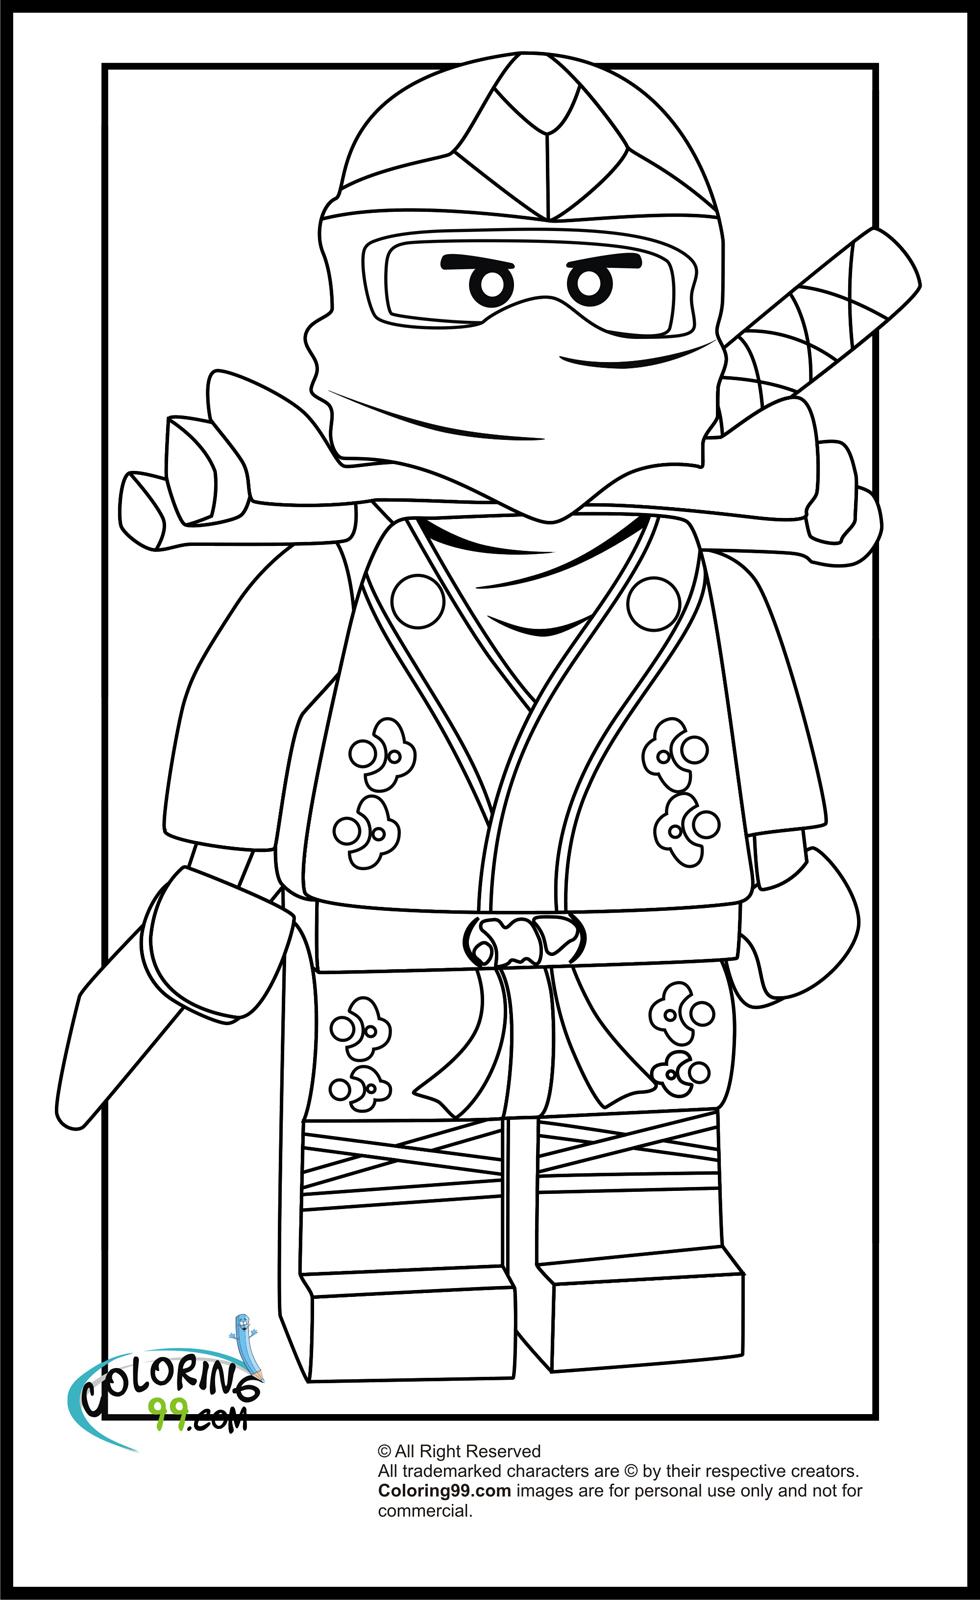 lego ninjago printables lego coloring pages with characters chima ninjago city printables ninjago lego